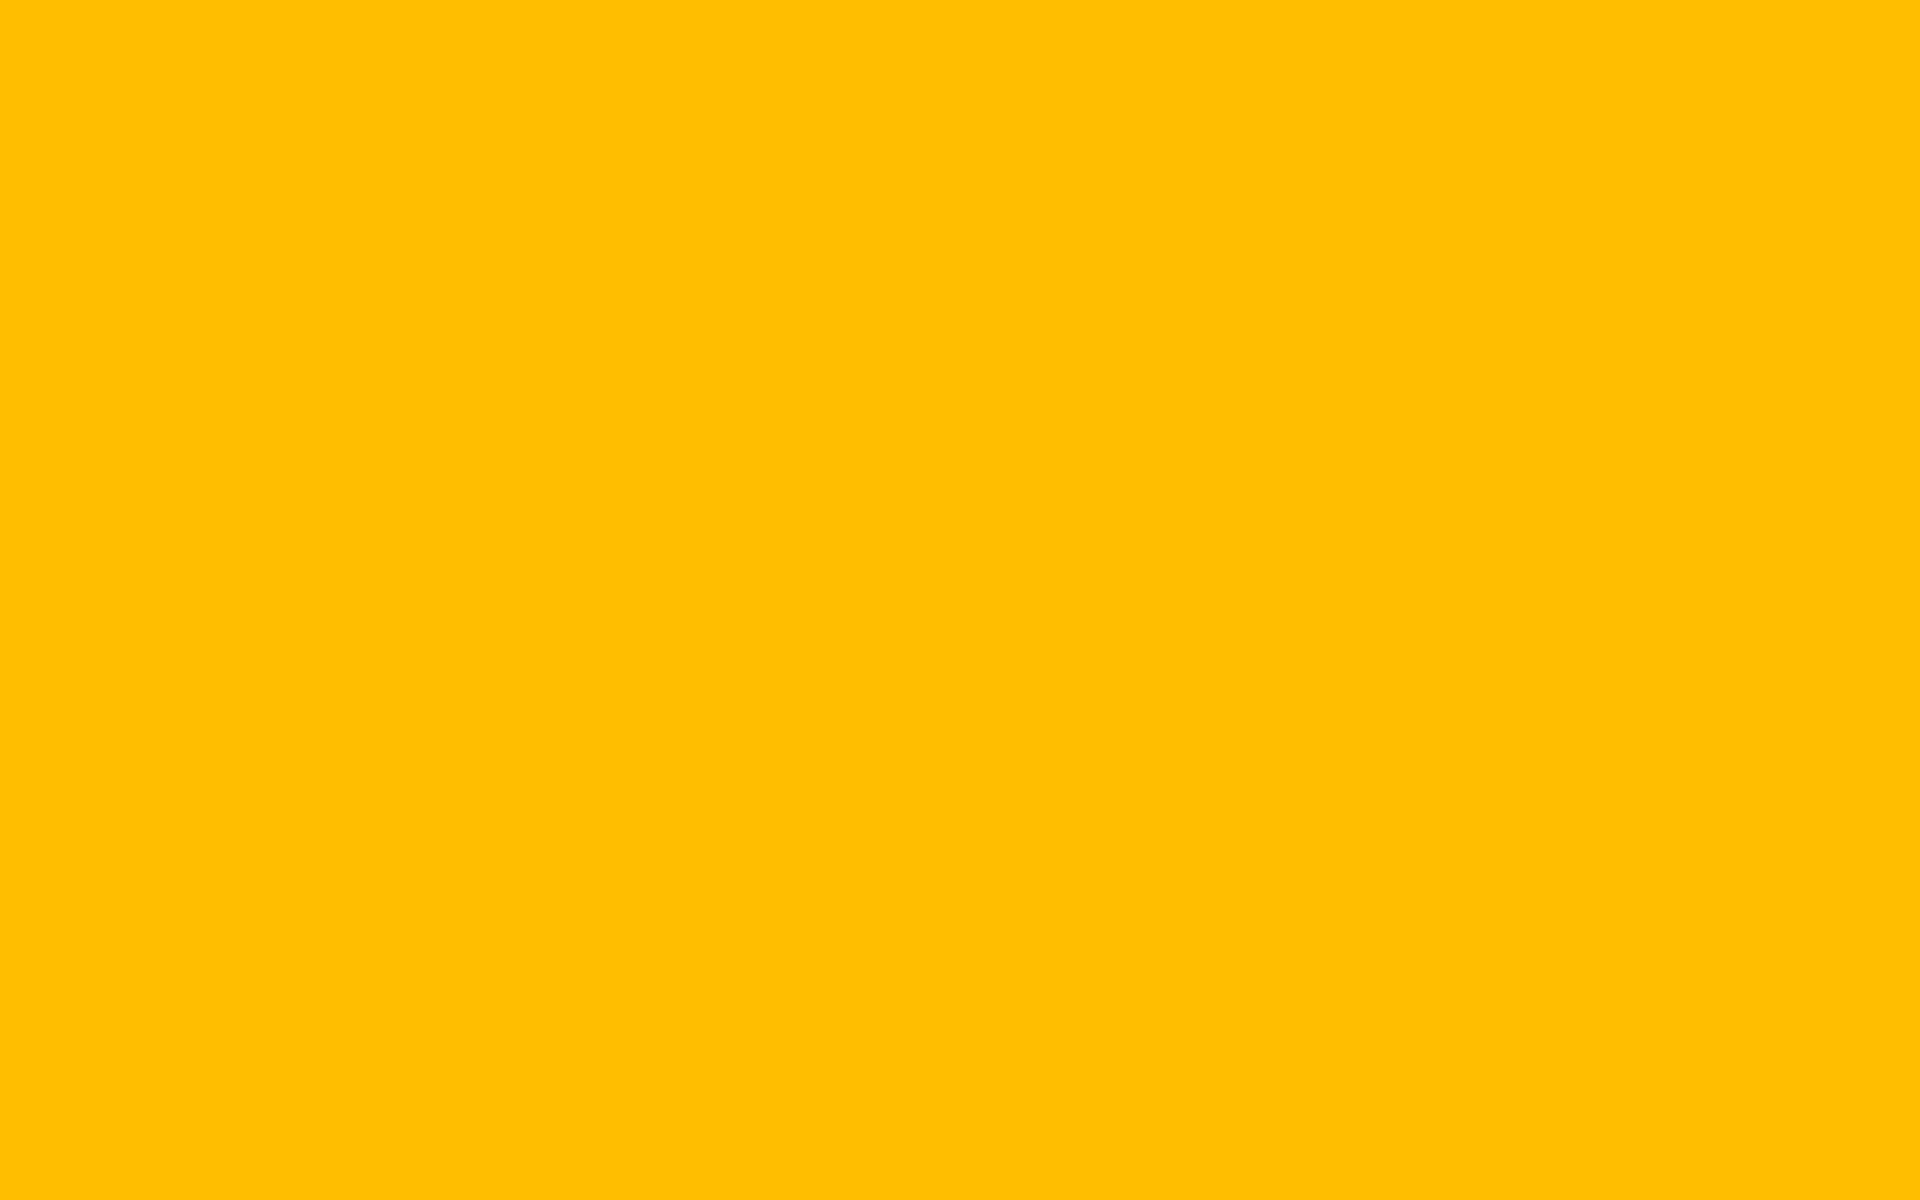 Risultato immagine per ambra colore